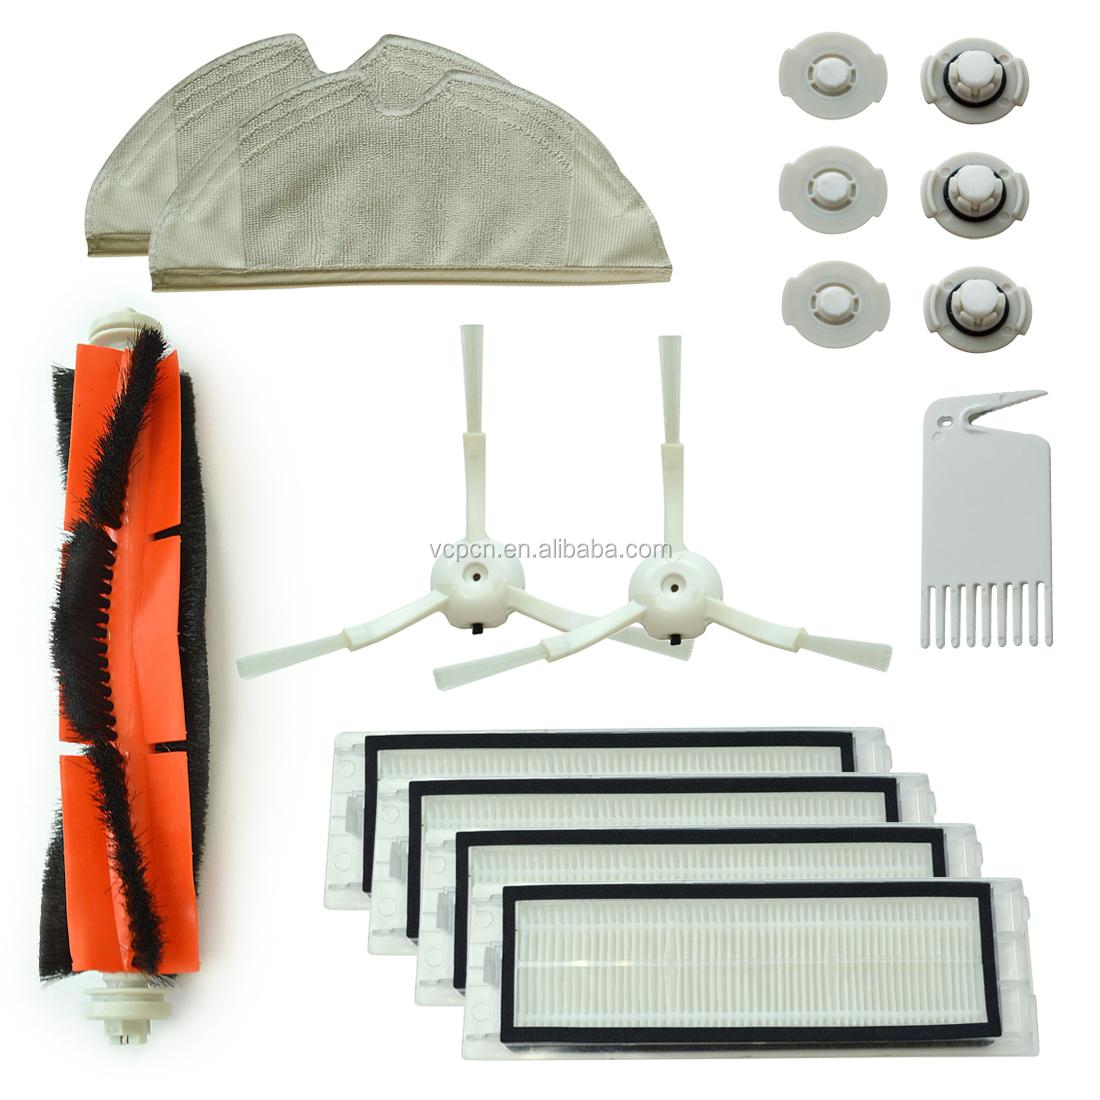 XIAOMI MI Mijia Roborock S5/S50/S51/S55/E35/E25/E20 — accessoires pour aspirateur Robot balayage, brosse, Kit de filtre, pièce de rechange, version internationale